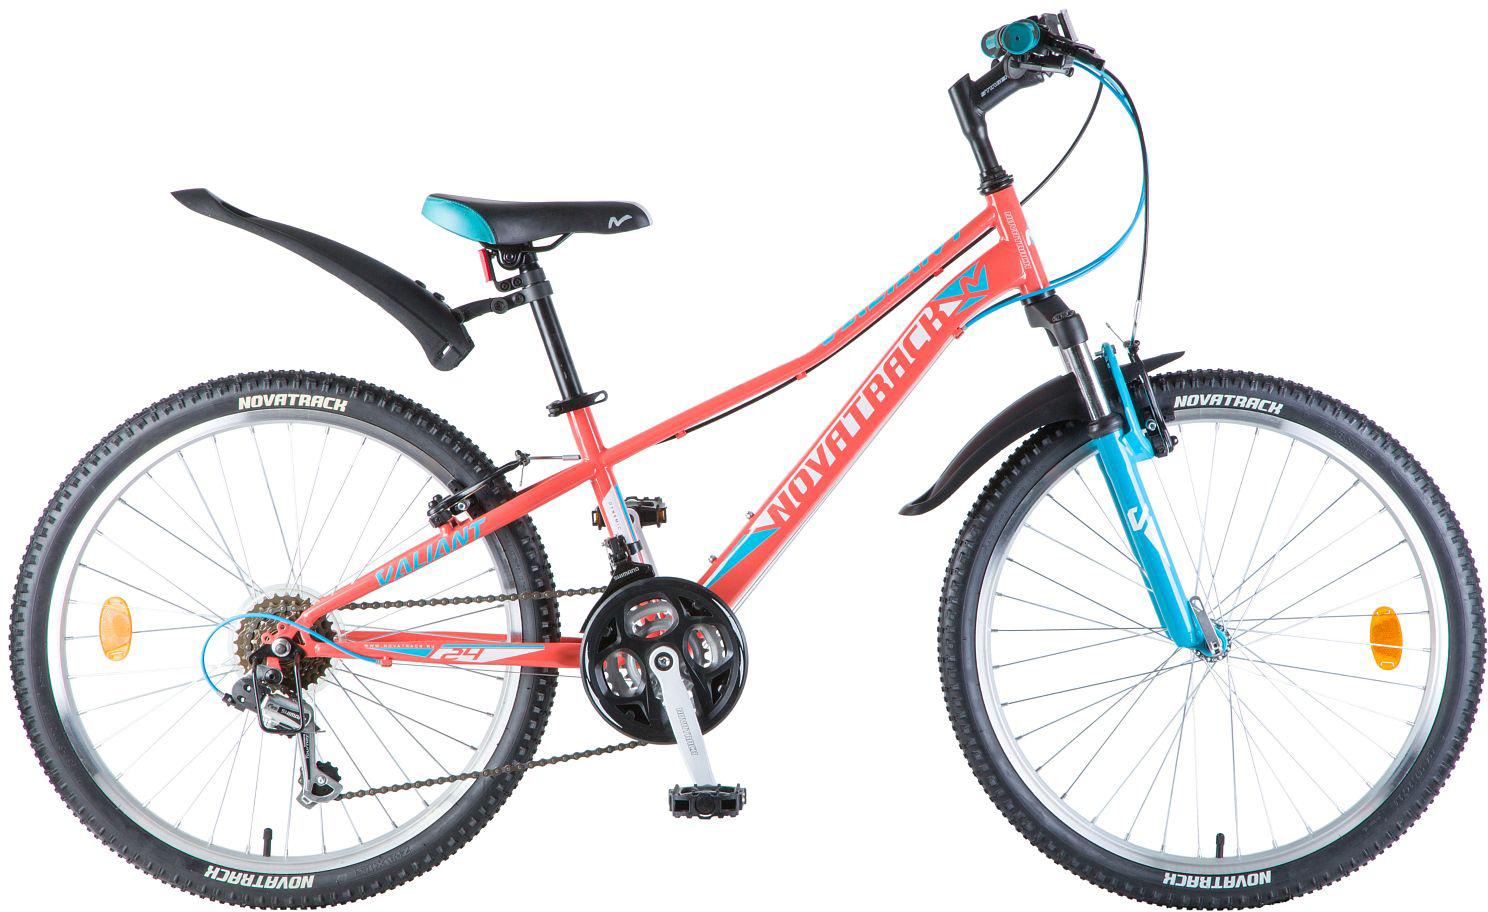 Велосипед детский Novatrack Valiant, цвет: коралловый, 24, рама 12 novatrack novatrack велосипед valiant 24 рама 12 18 скоростей коралловый